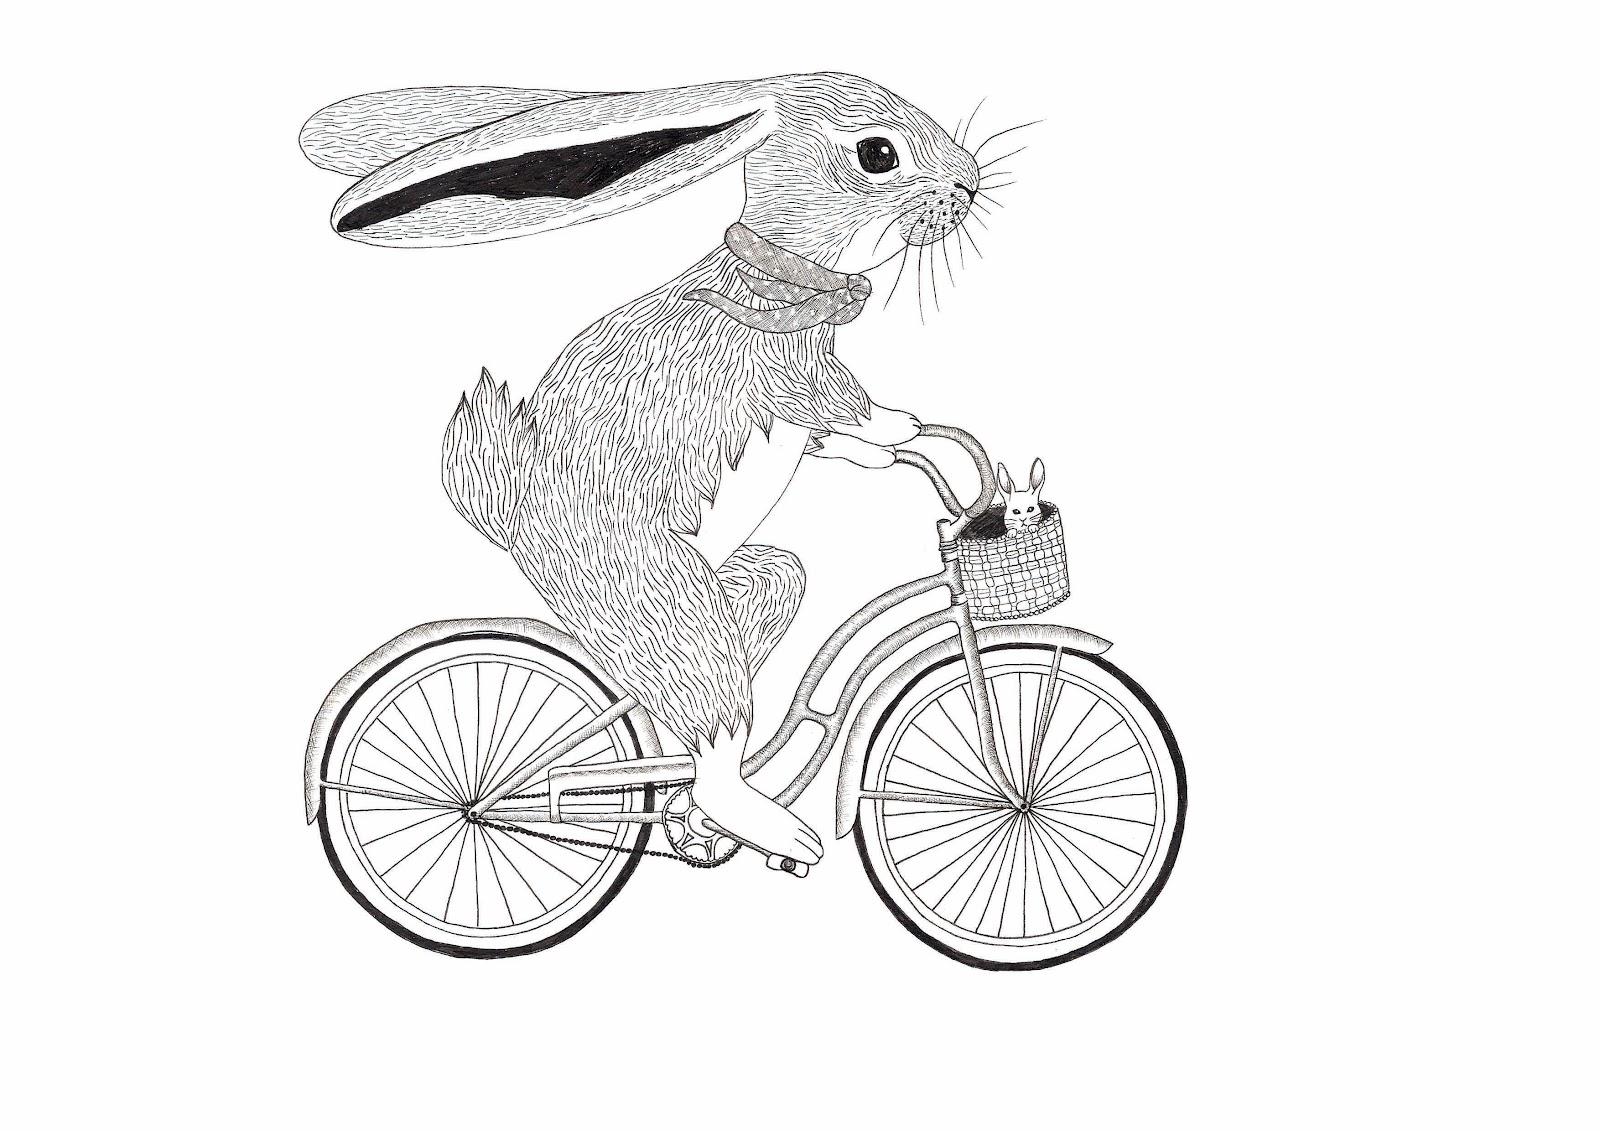 Rabbit Bicycle